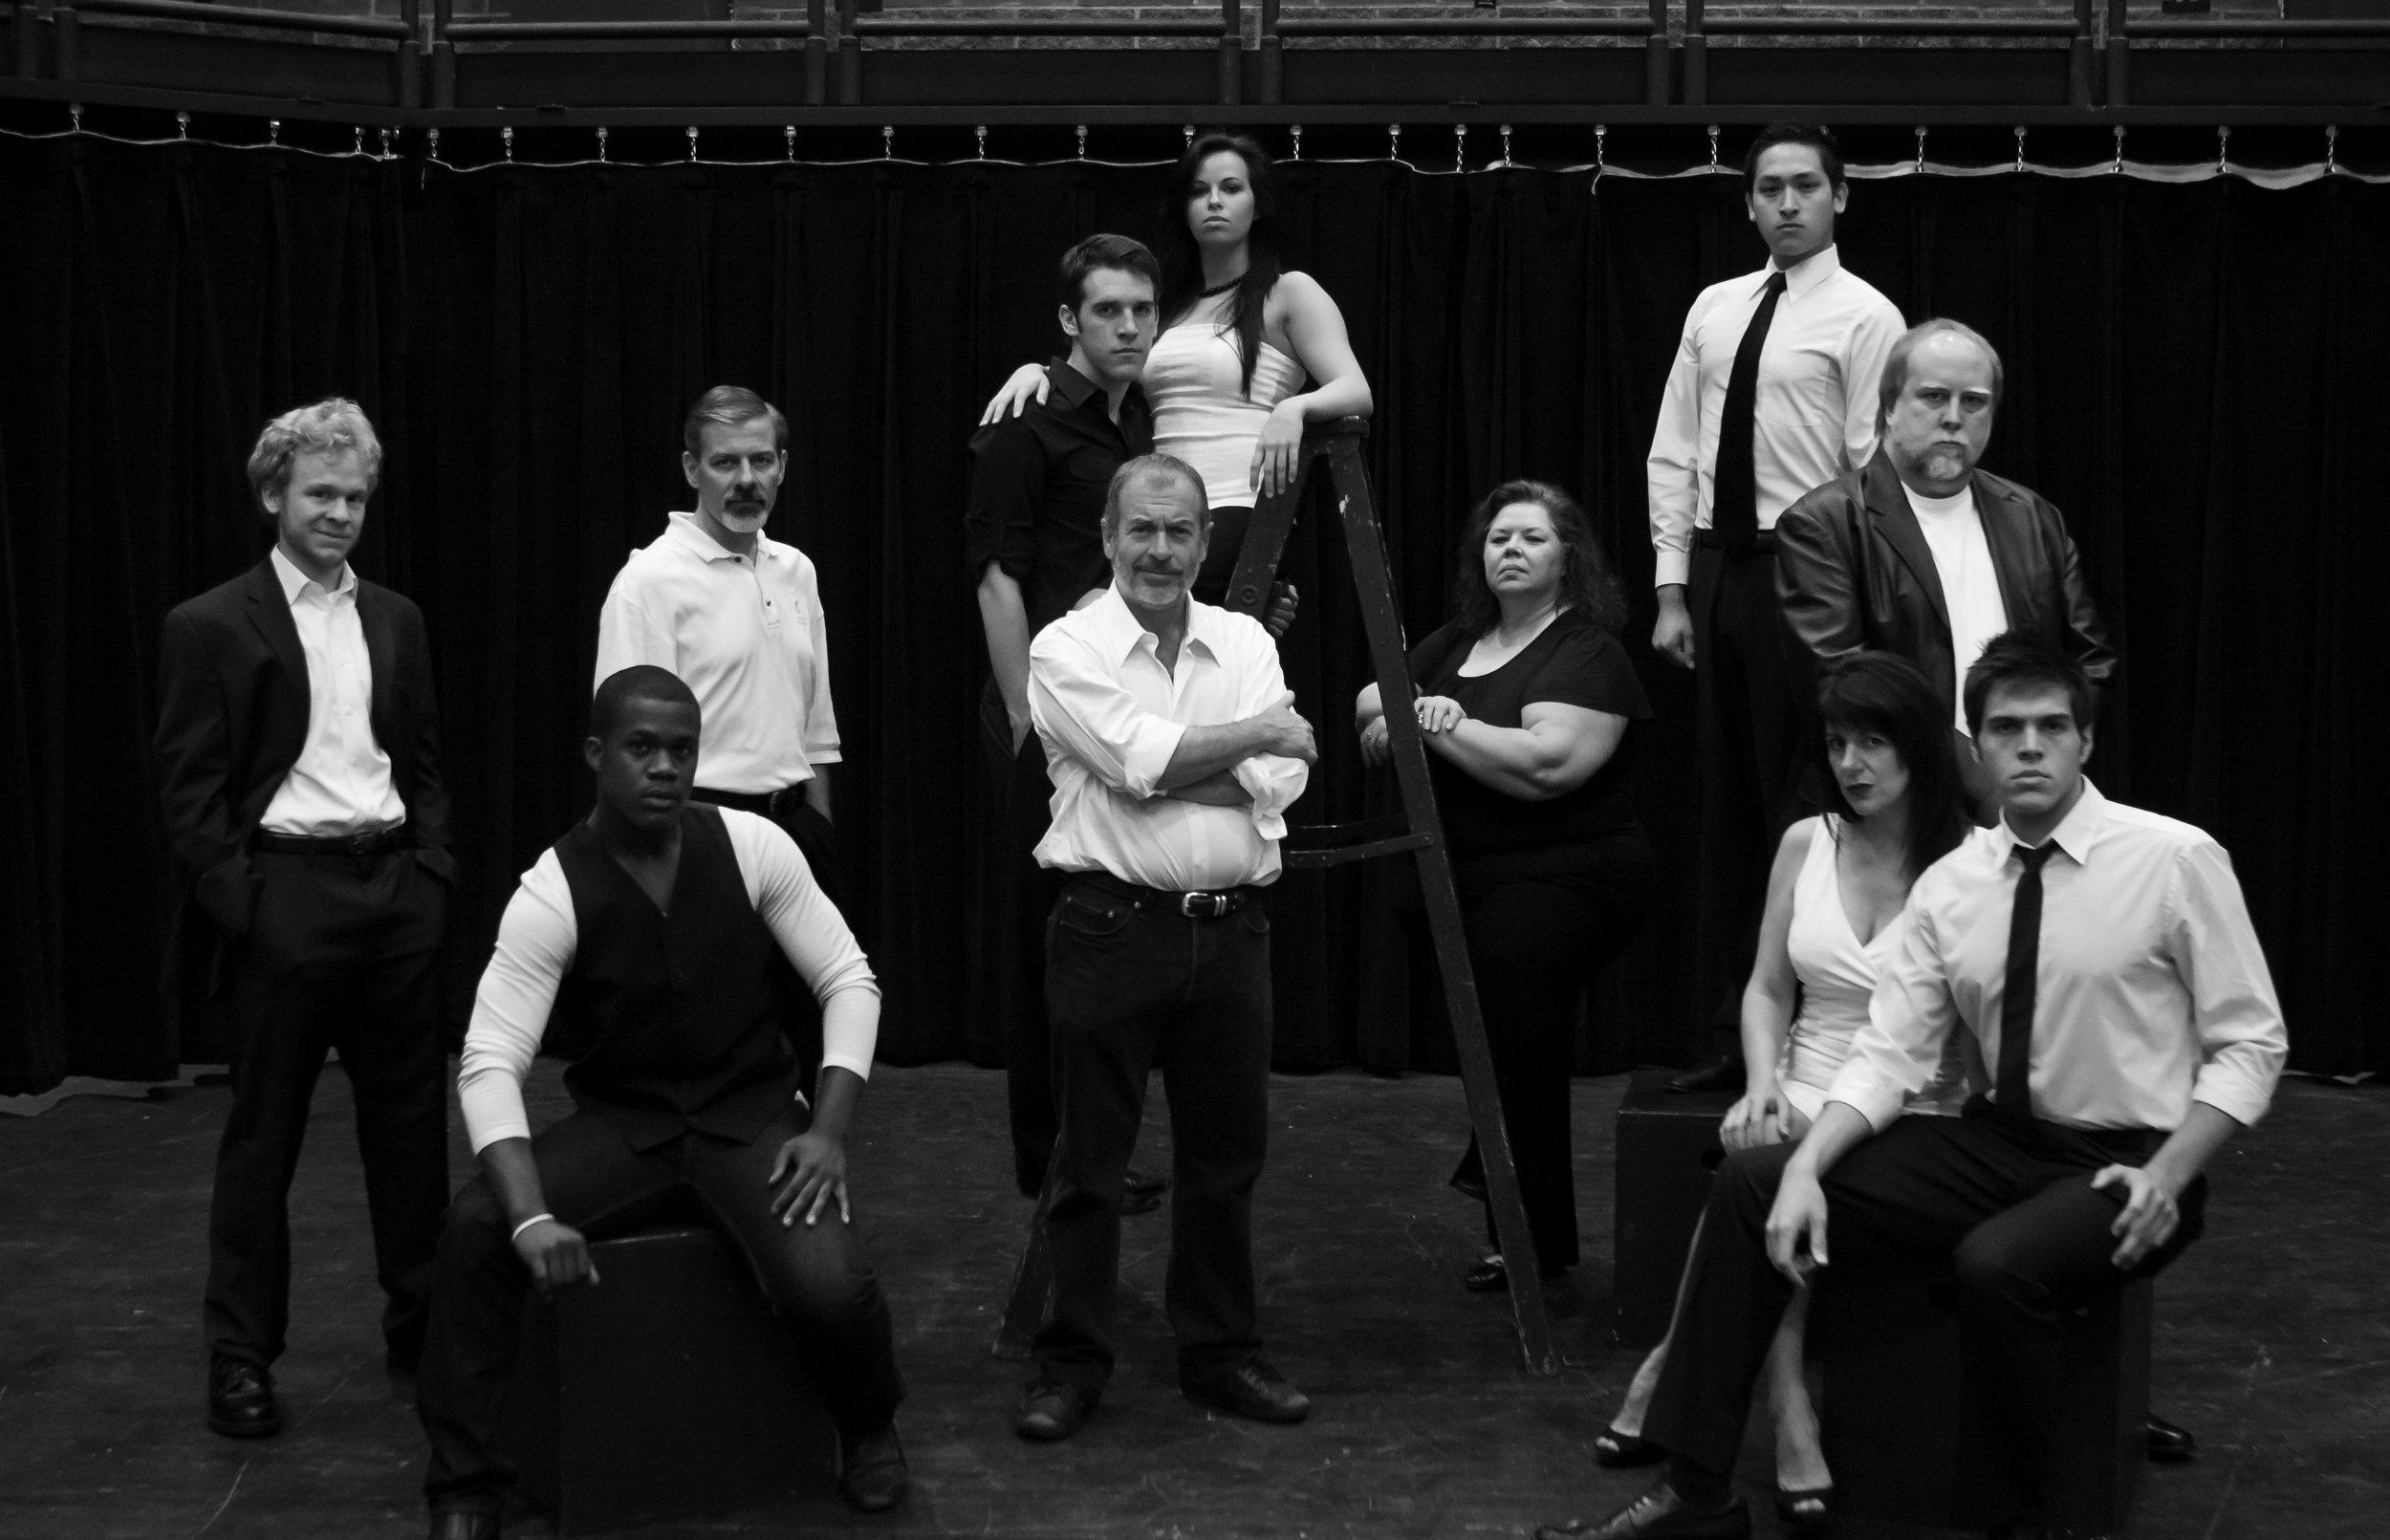 Romeo & Juliet company, 2005